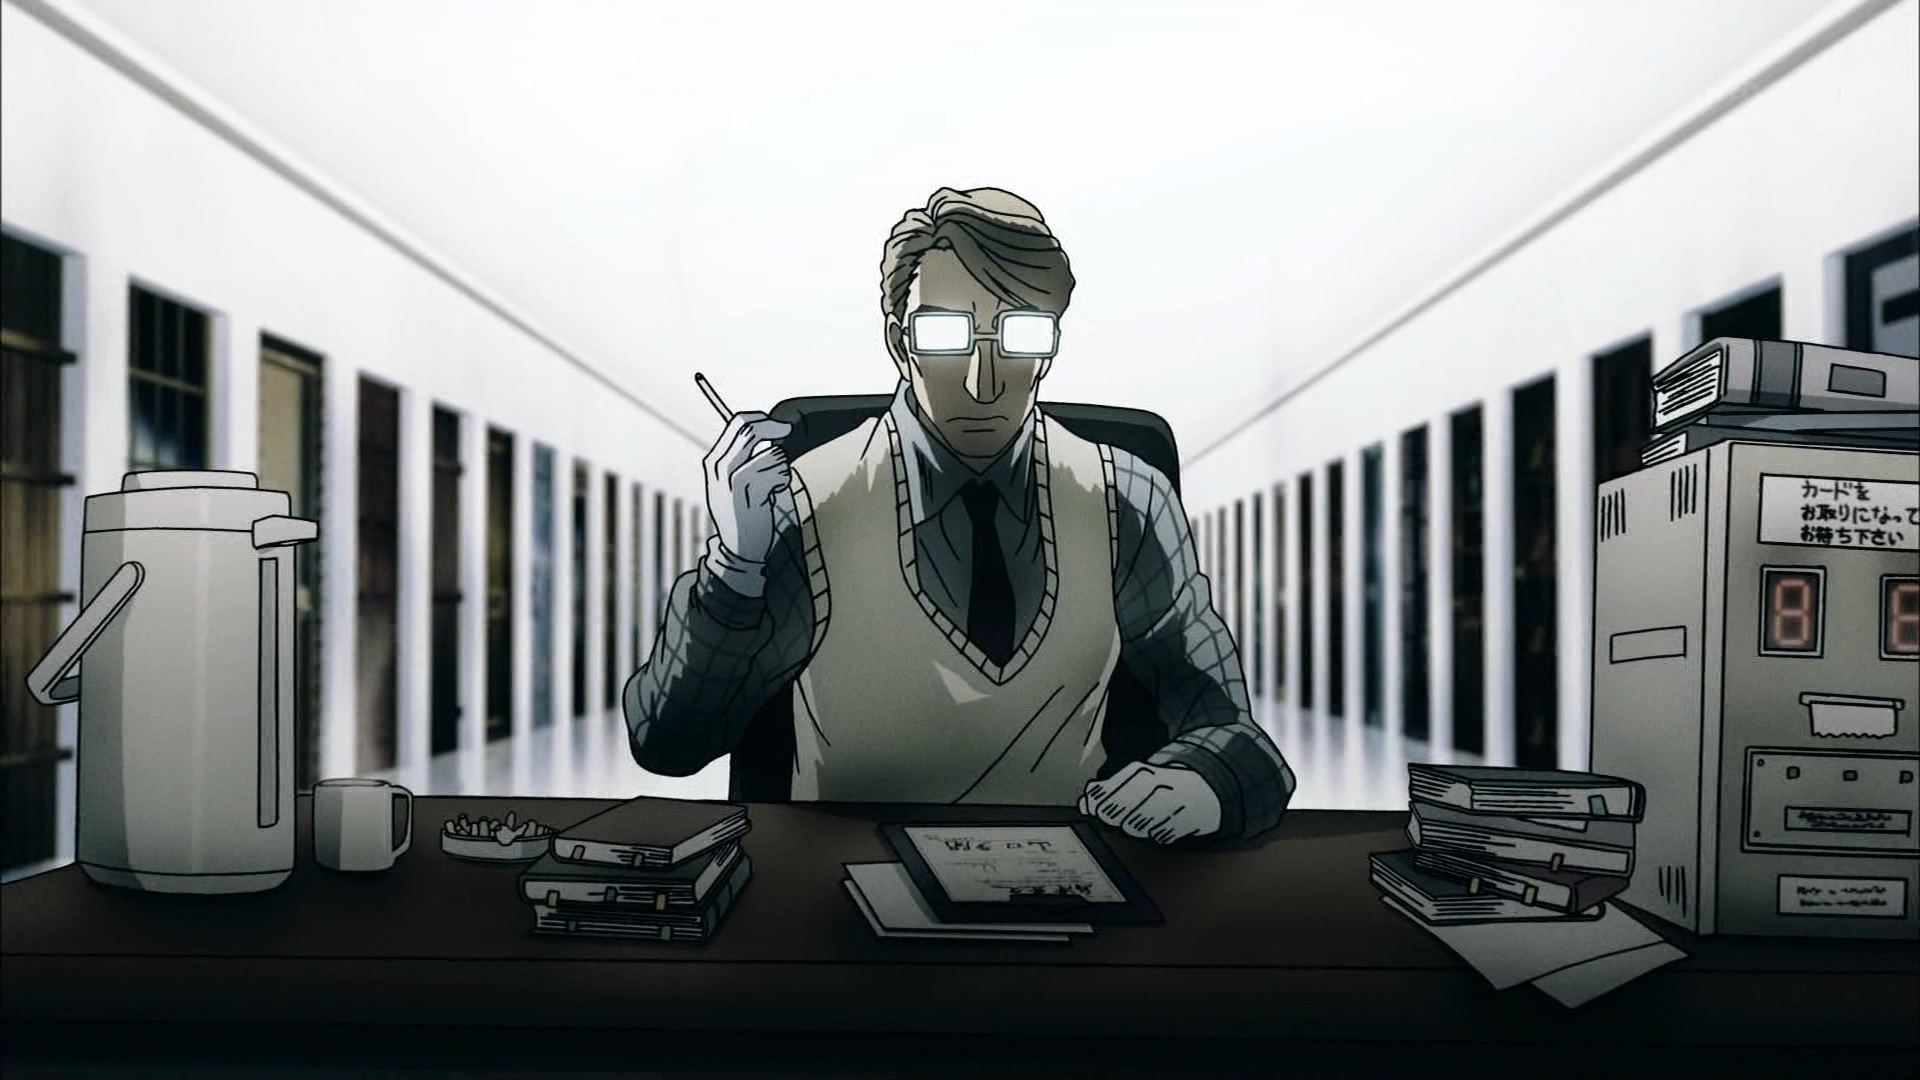 謎の男(第1話)